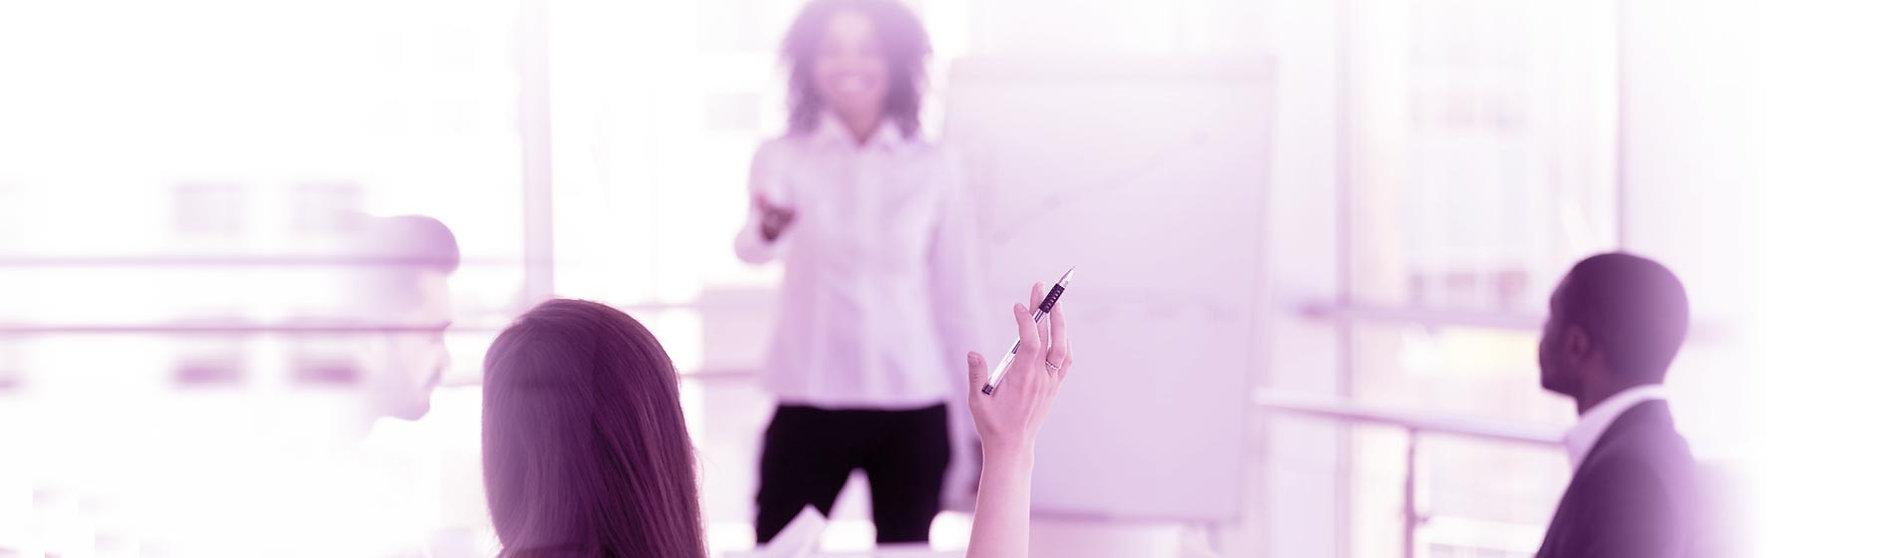 Training-Consultancy-Header.jpg